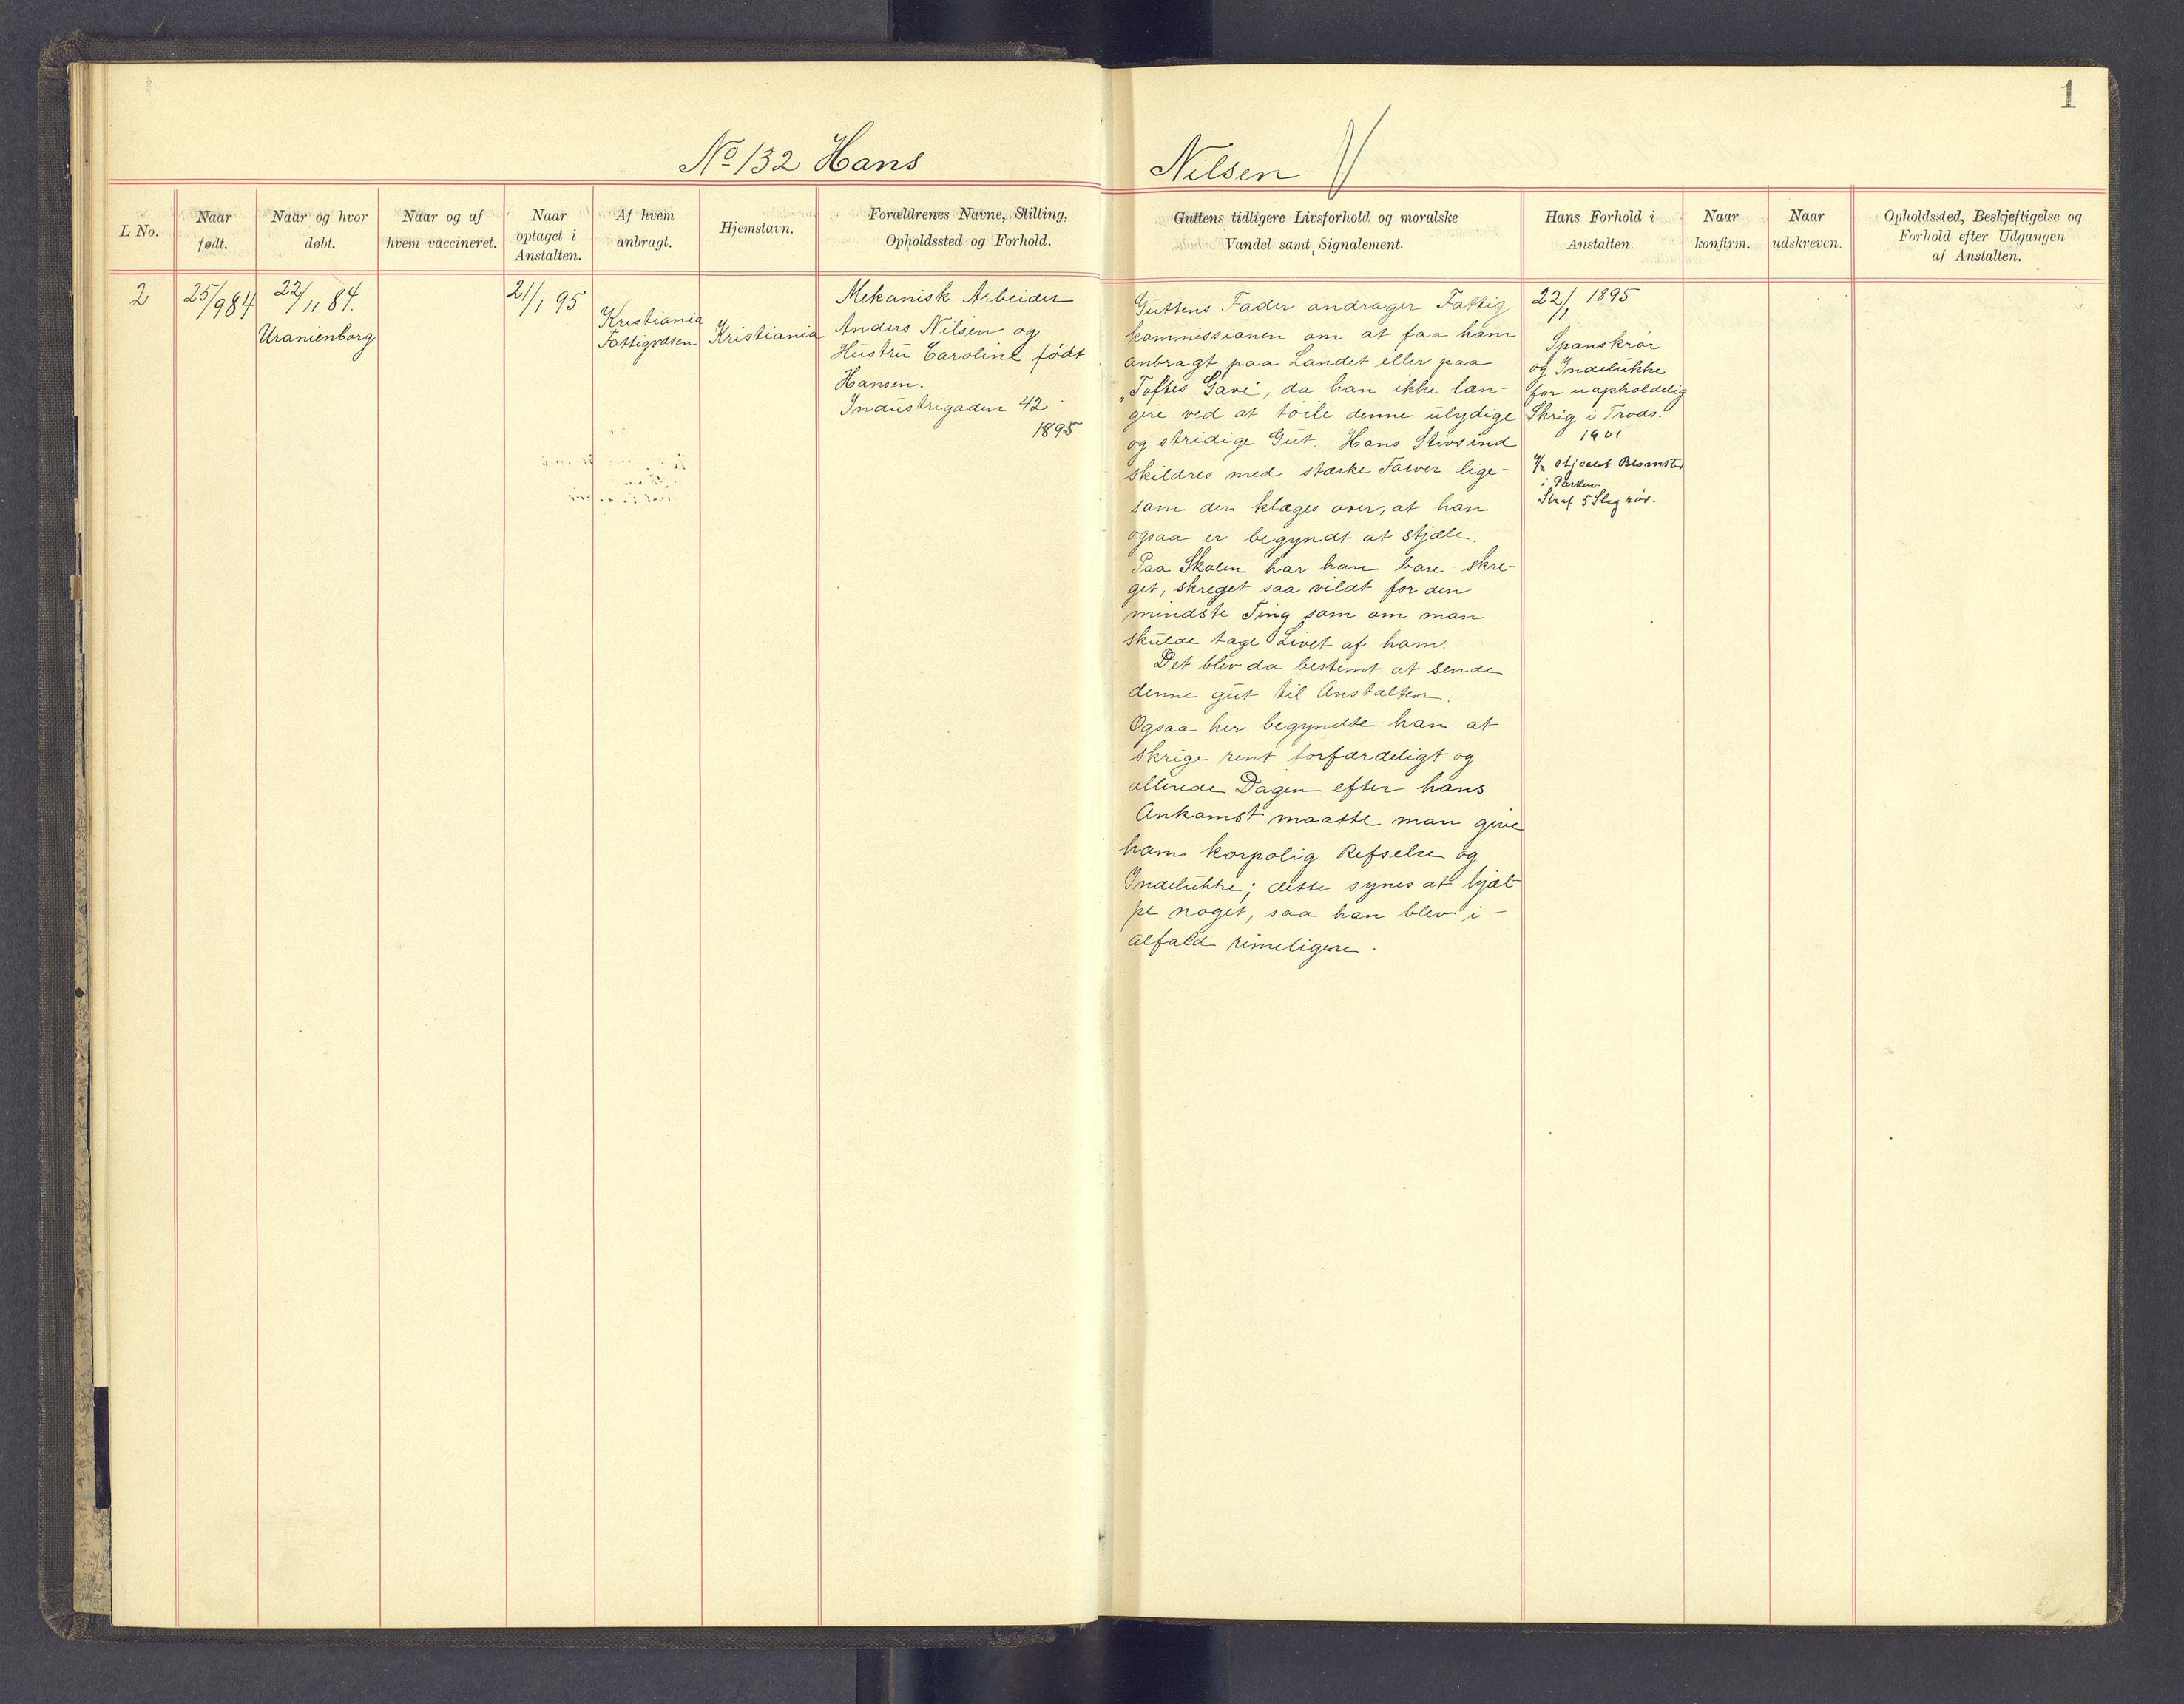 SAH, Toftes Gave, F/Fc/L0005: Elevprotokoll, 1897-1900, s. 1